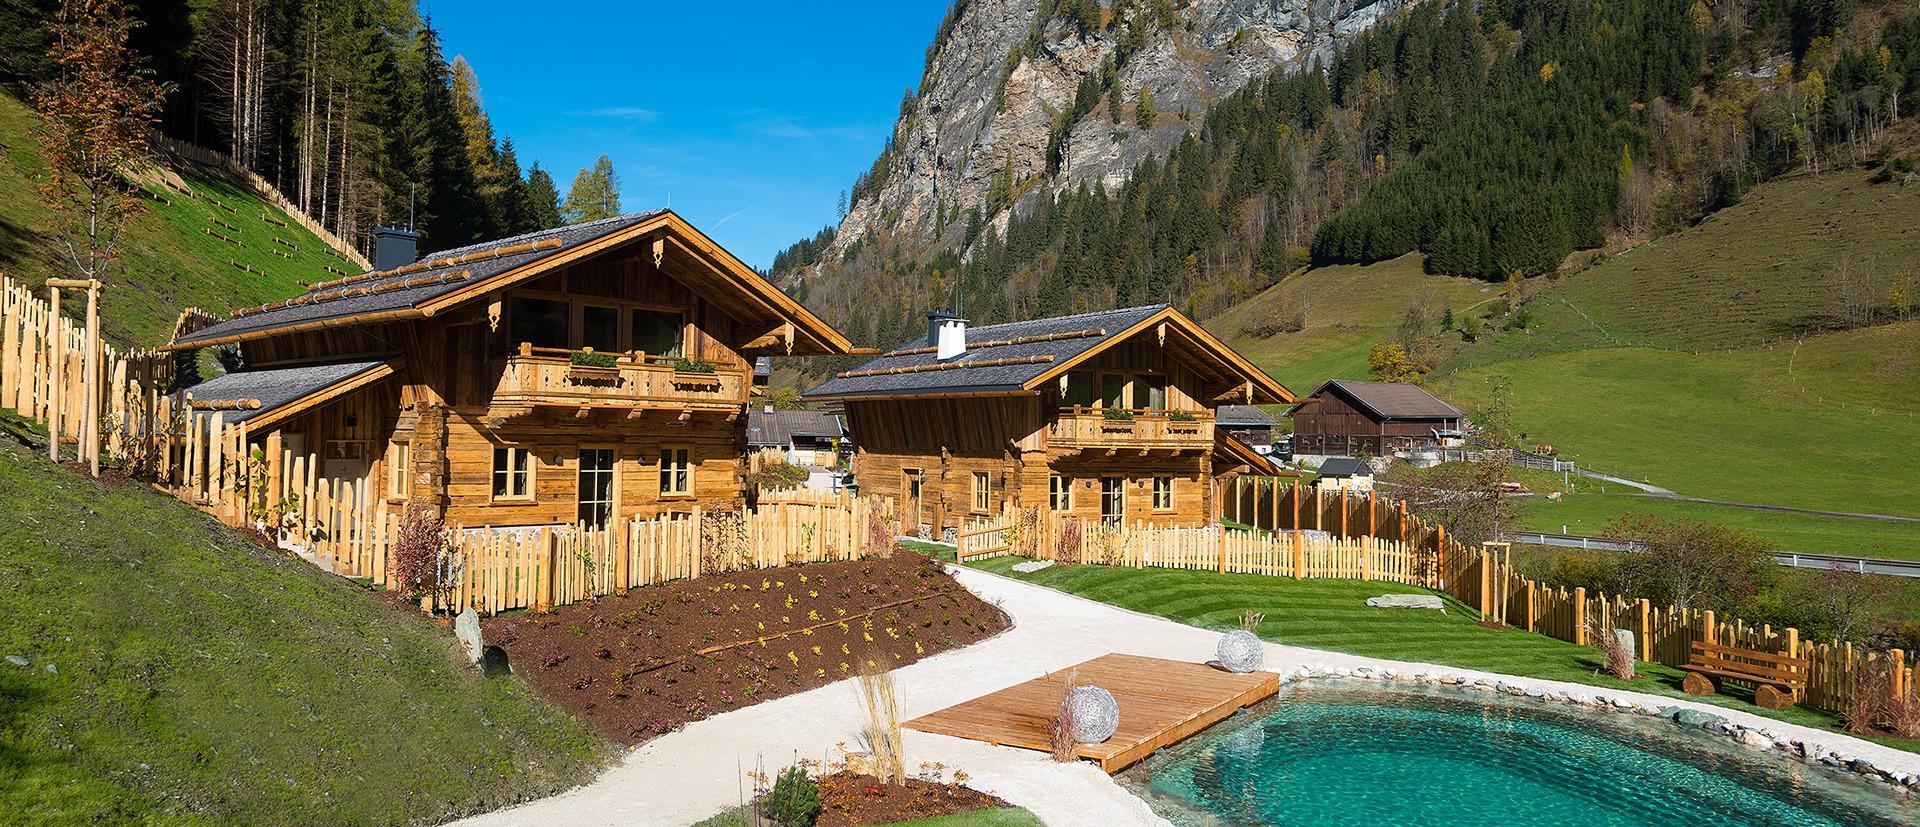 Fühlen Sie sich wohl in Ihrem Luxus Chaleturlaub in Österreich